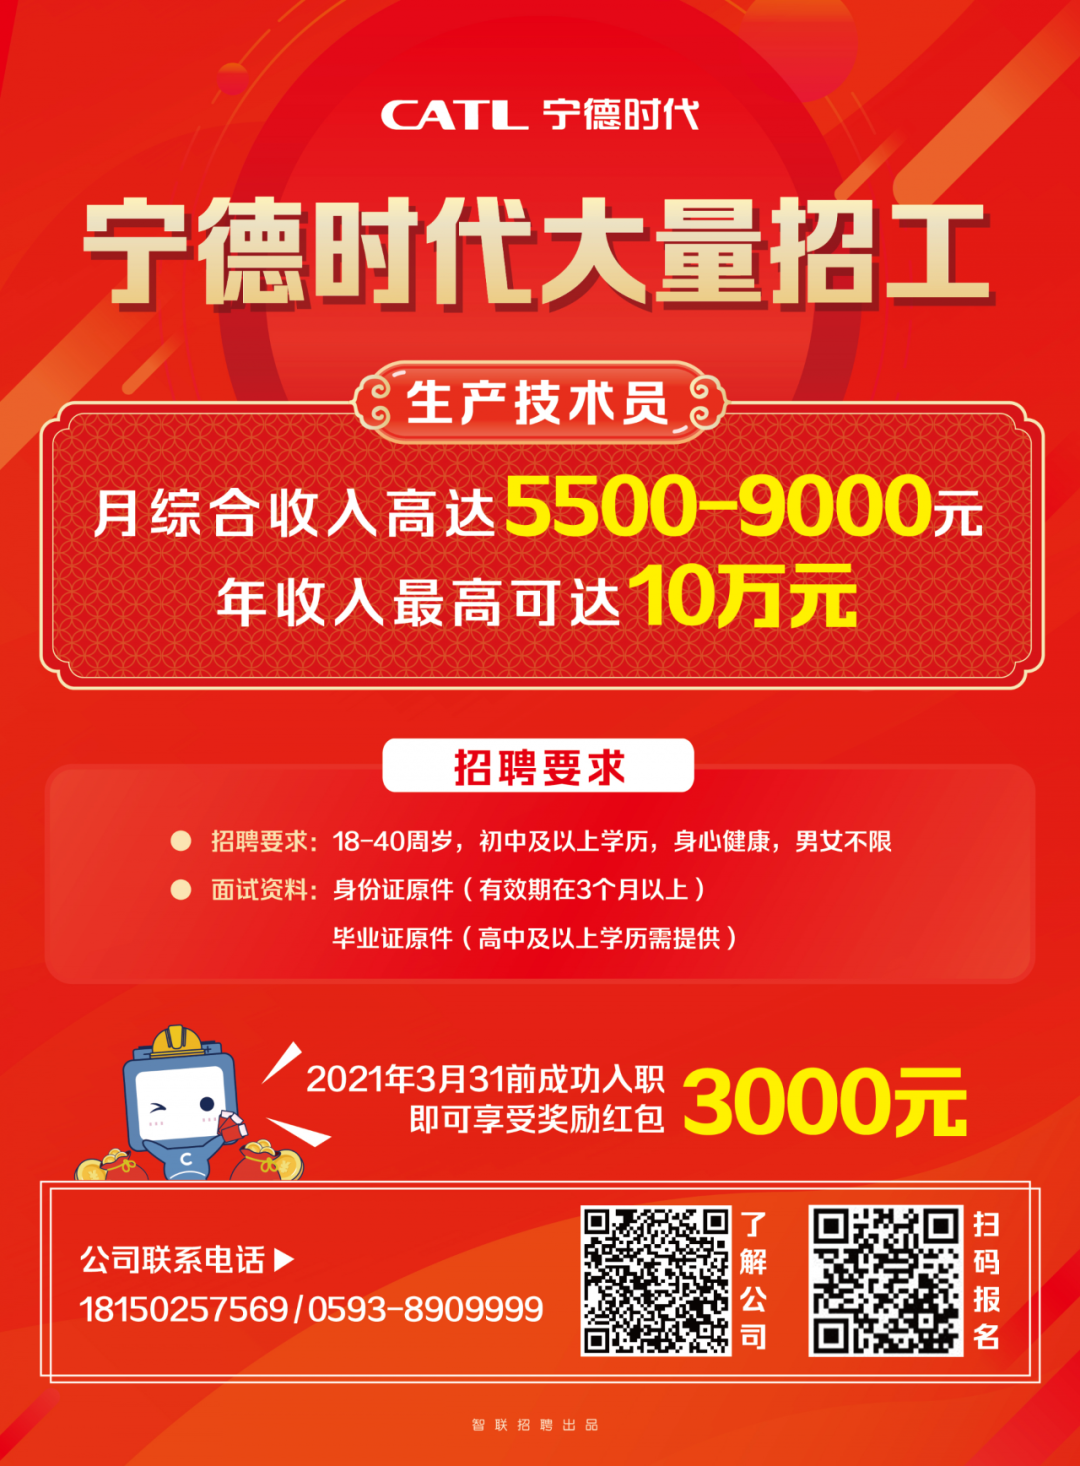 微信图片_20210201083715.png